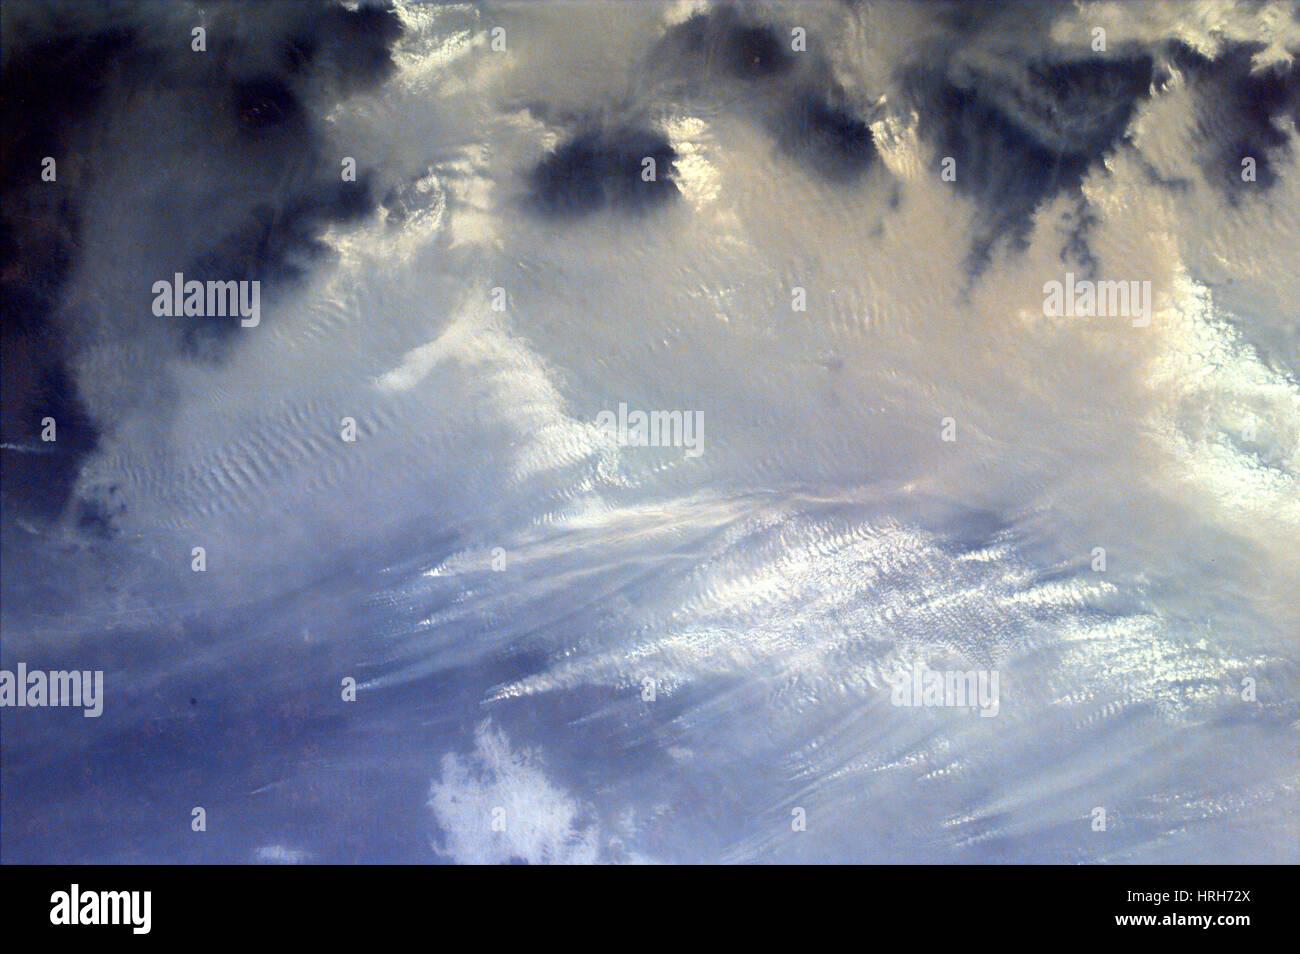 Sumatra, fuego y humo, KidSat Imagen, 1997 Imagen De Stock